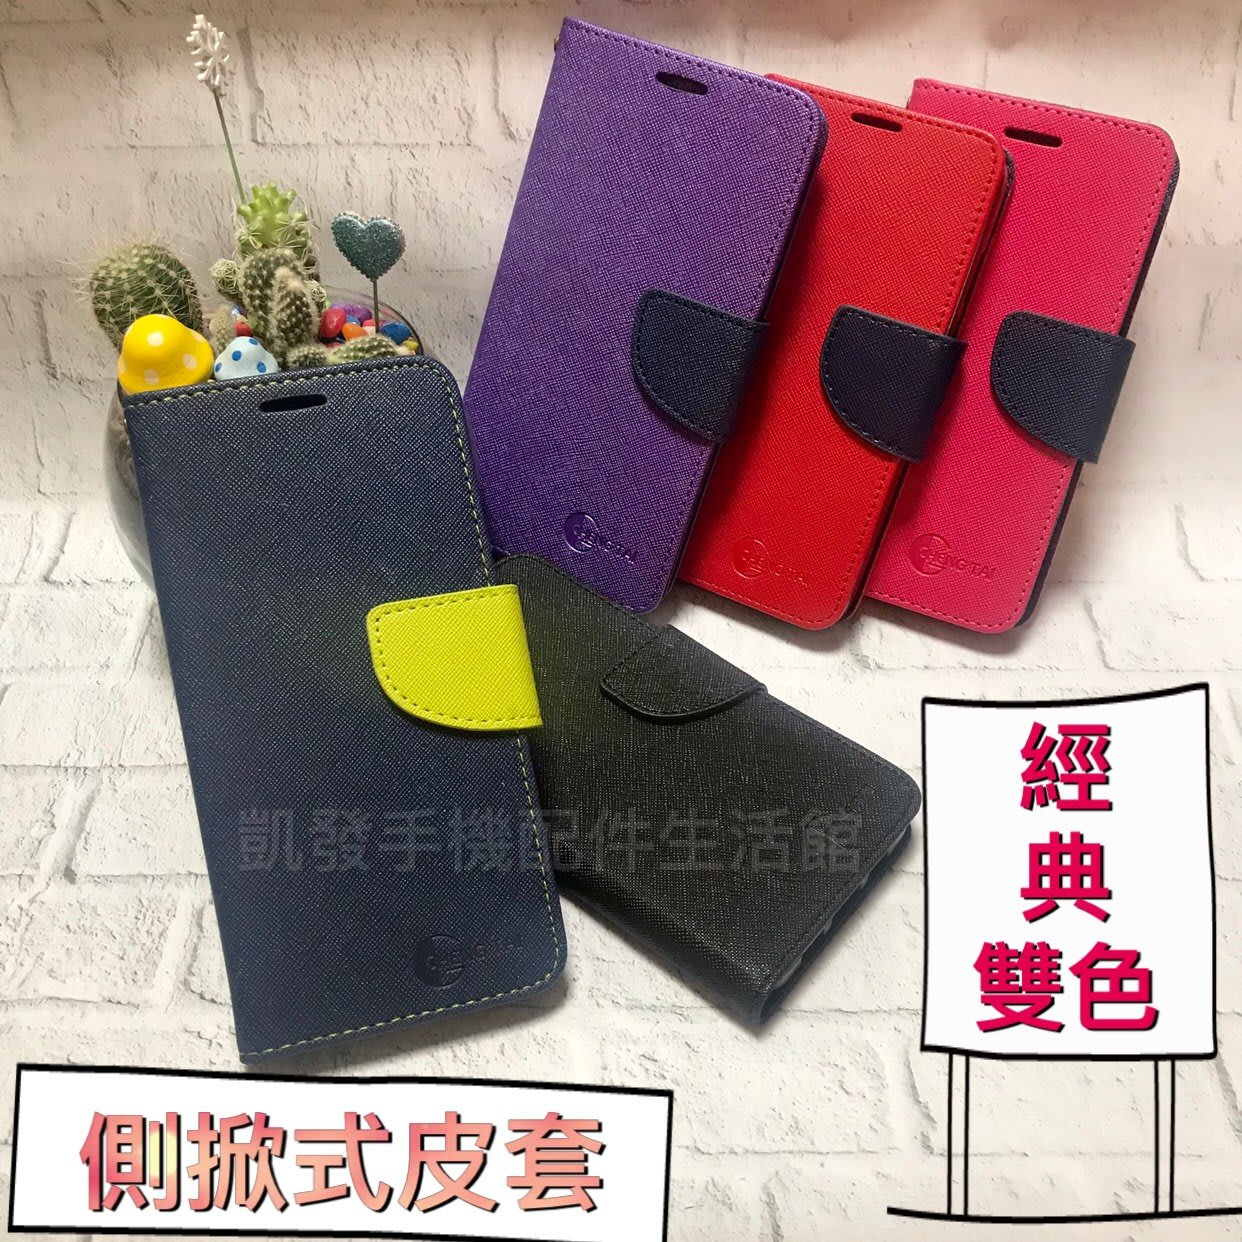 Acer Liquid X1 S53  5.7吋《 經典款雙色側掀皮套》可立支架翻蓋手機套書本套保護殼手機殼保護套內軟套